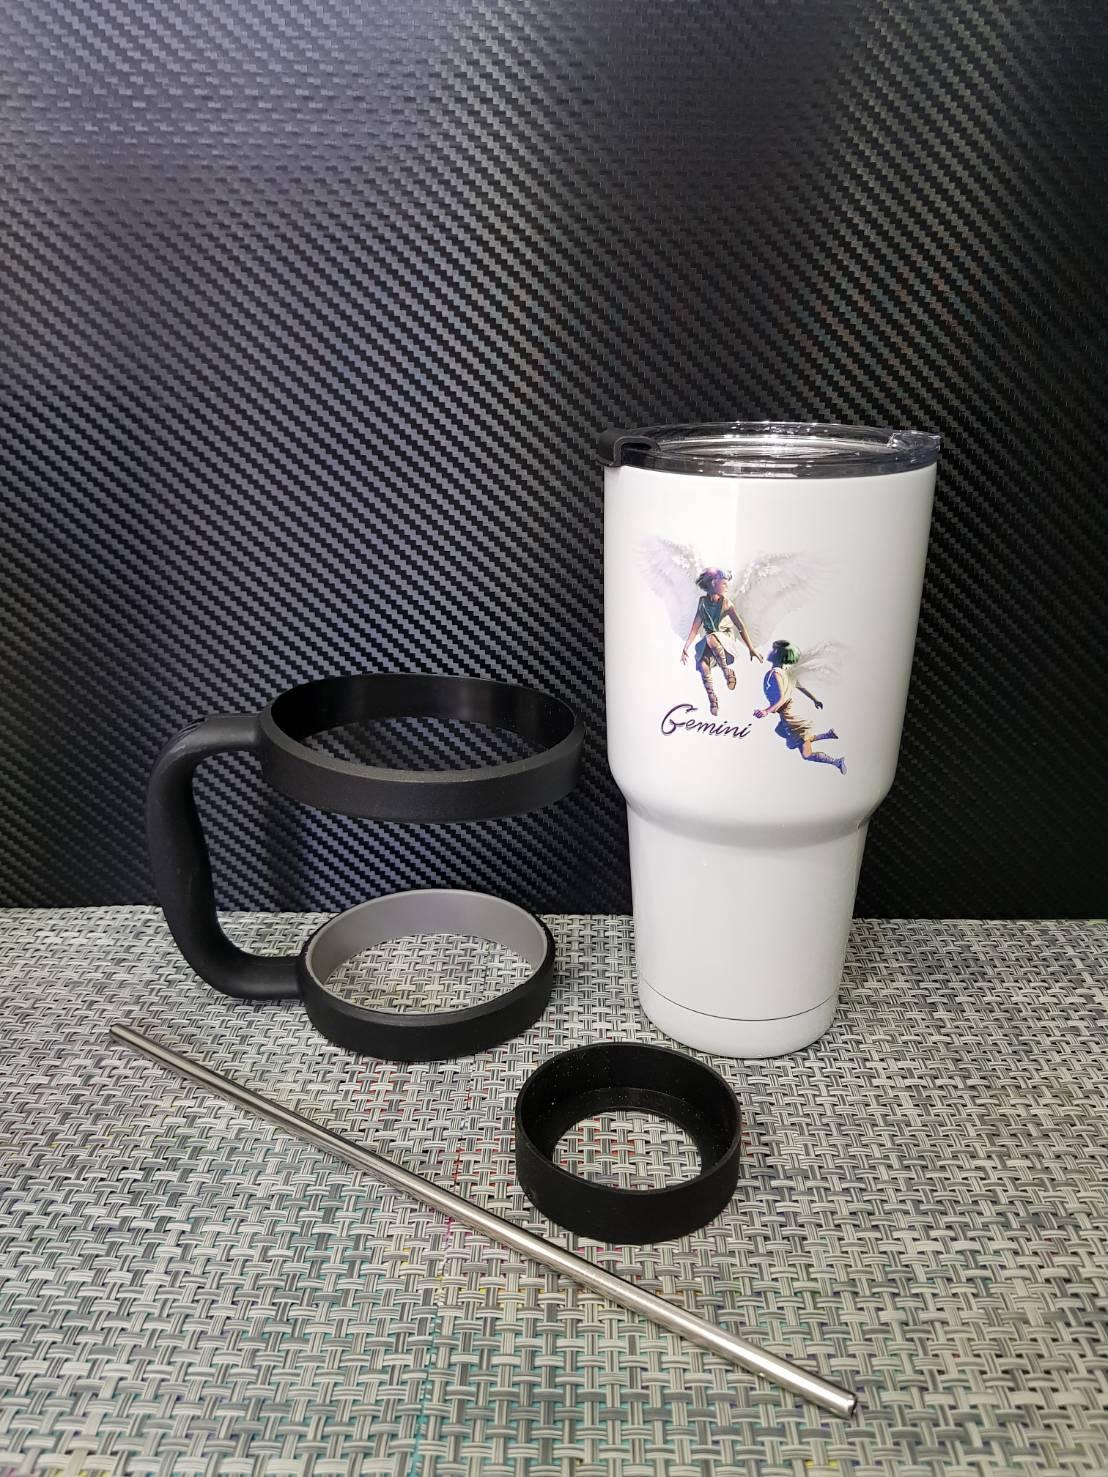 ชุดแก้วเยติ 30 ออนซ์ พื้นสีขาว ราศีเมถุน